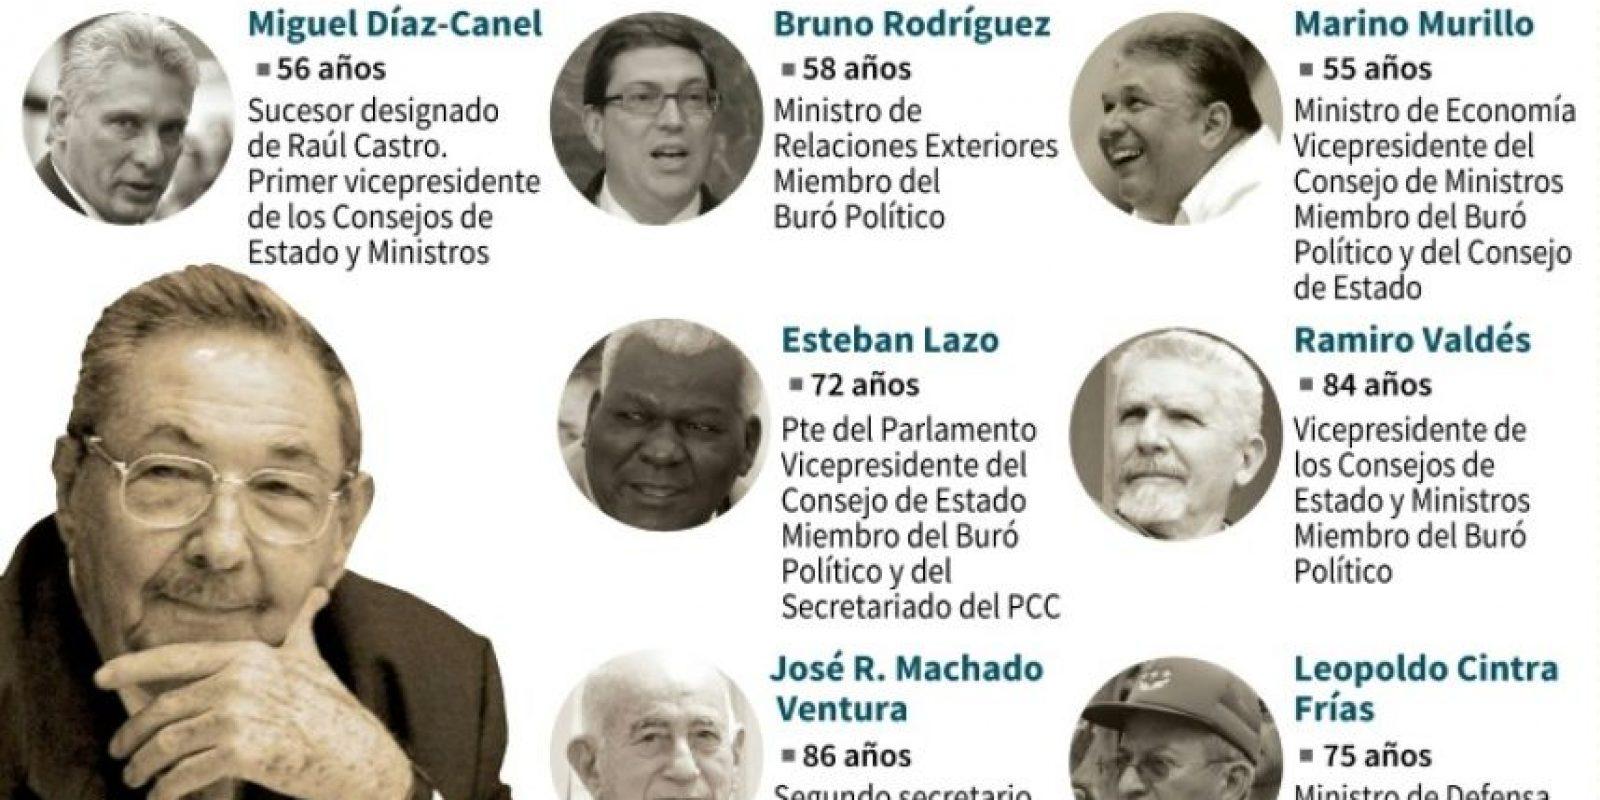 Los pesos pesados políticos en Cuba Foto:Gustavo IZUS, Tatiana MAGARINOS/afp.com